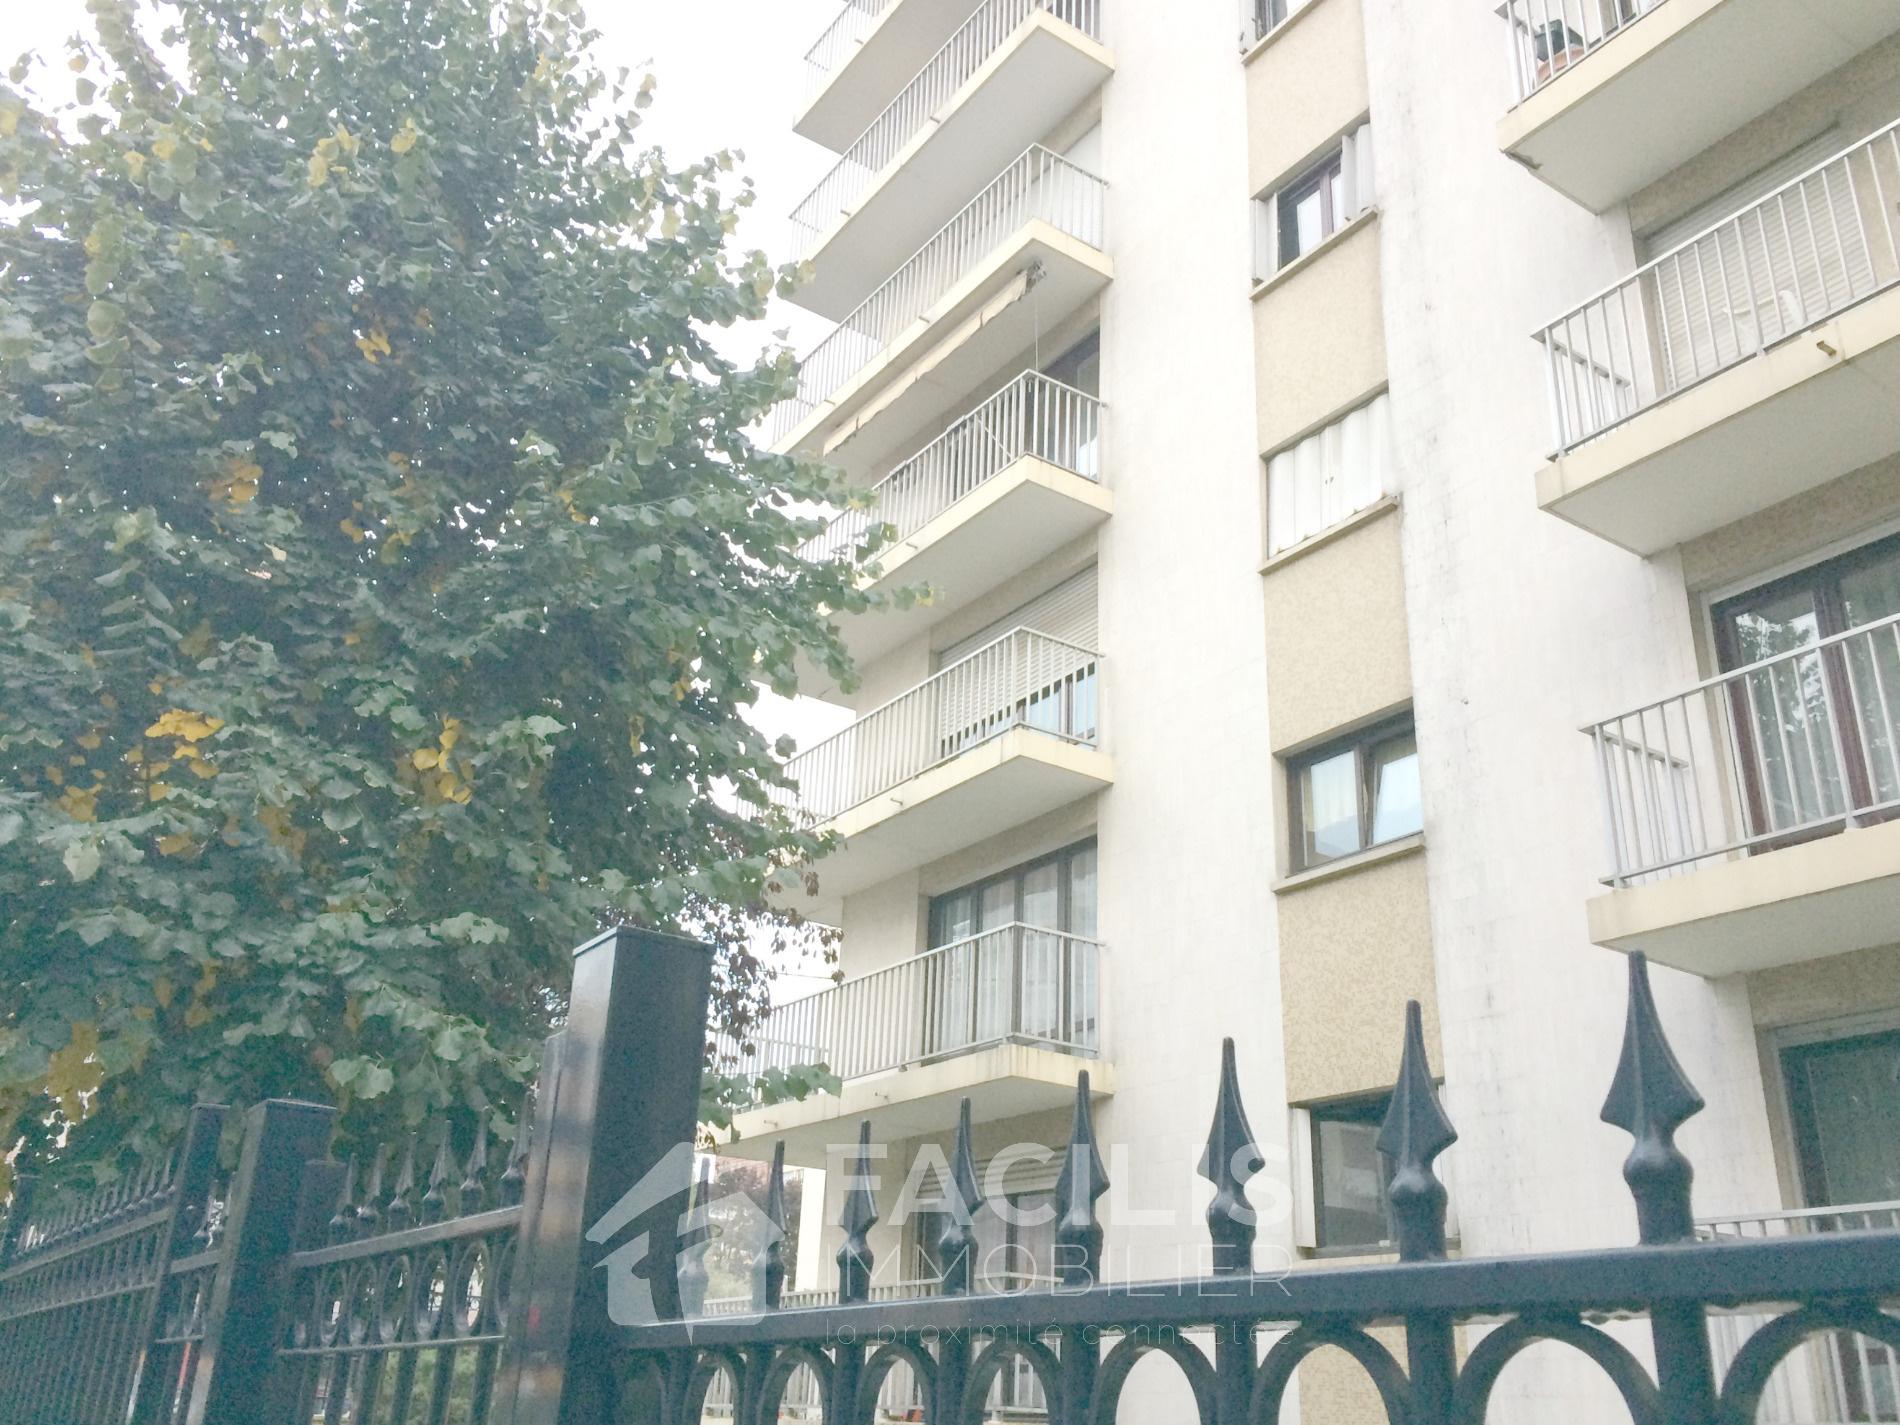 Annonce vente appartement villemomble 93250 66 m 190 for Annonce vente appartement